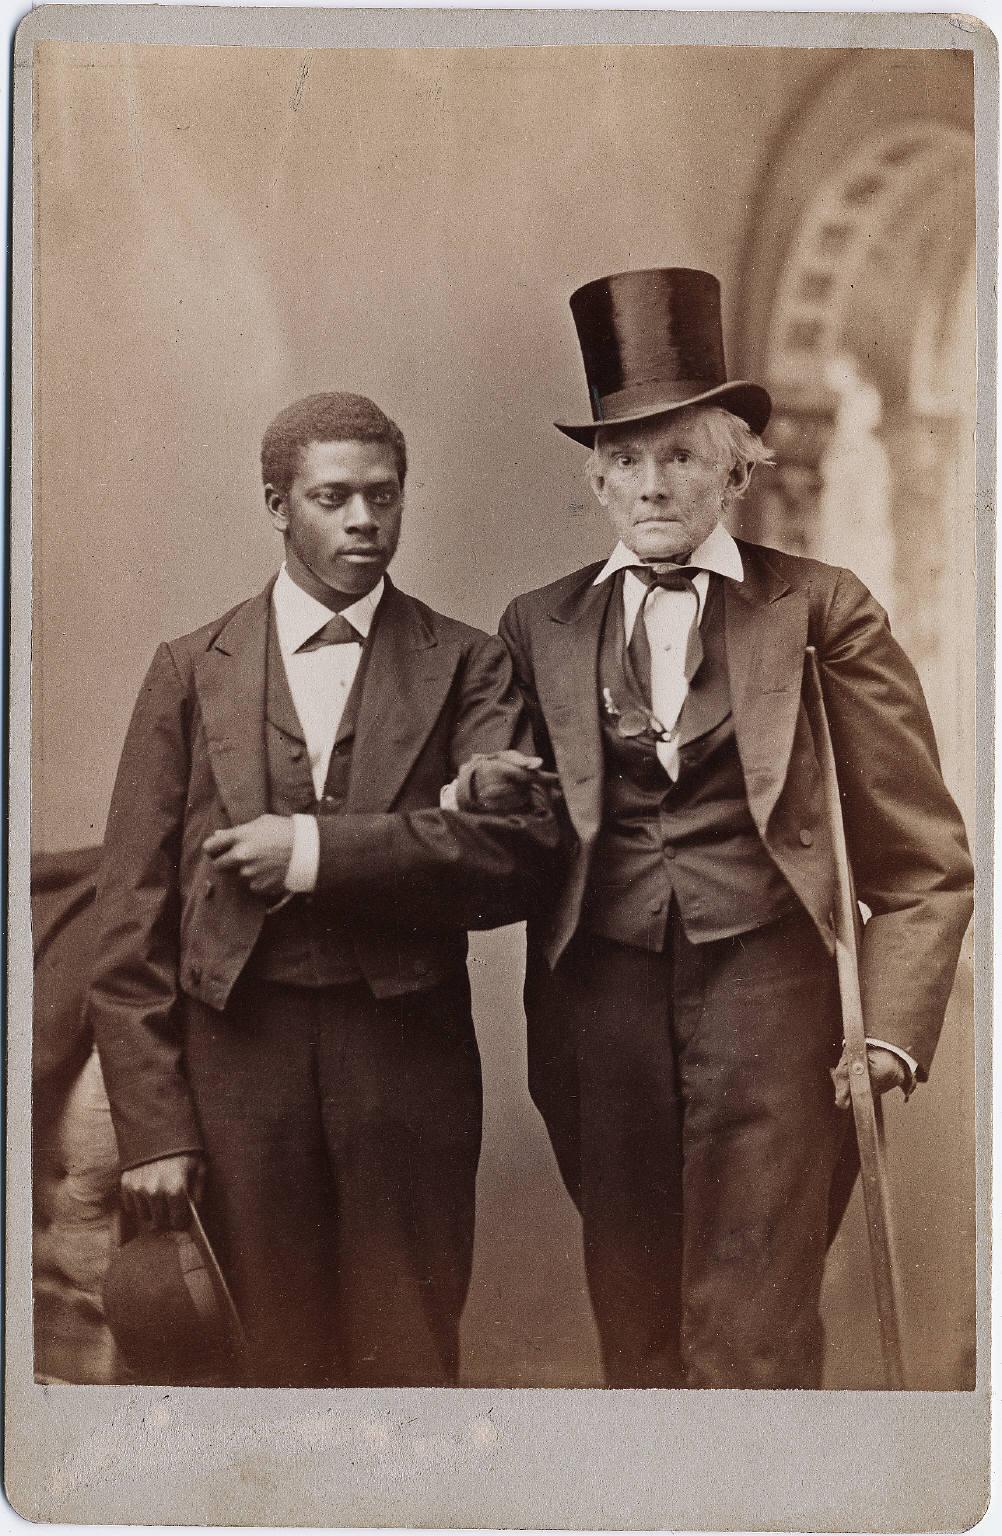 Alexander_H_Stephens_circa_1875_by_Brady_&_Co